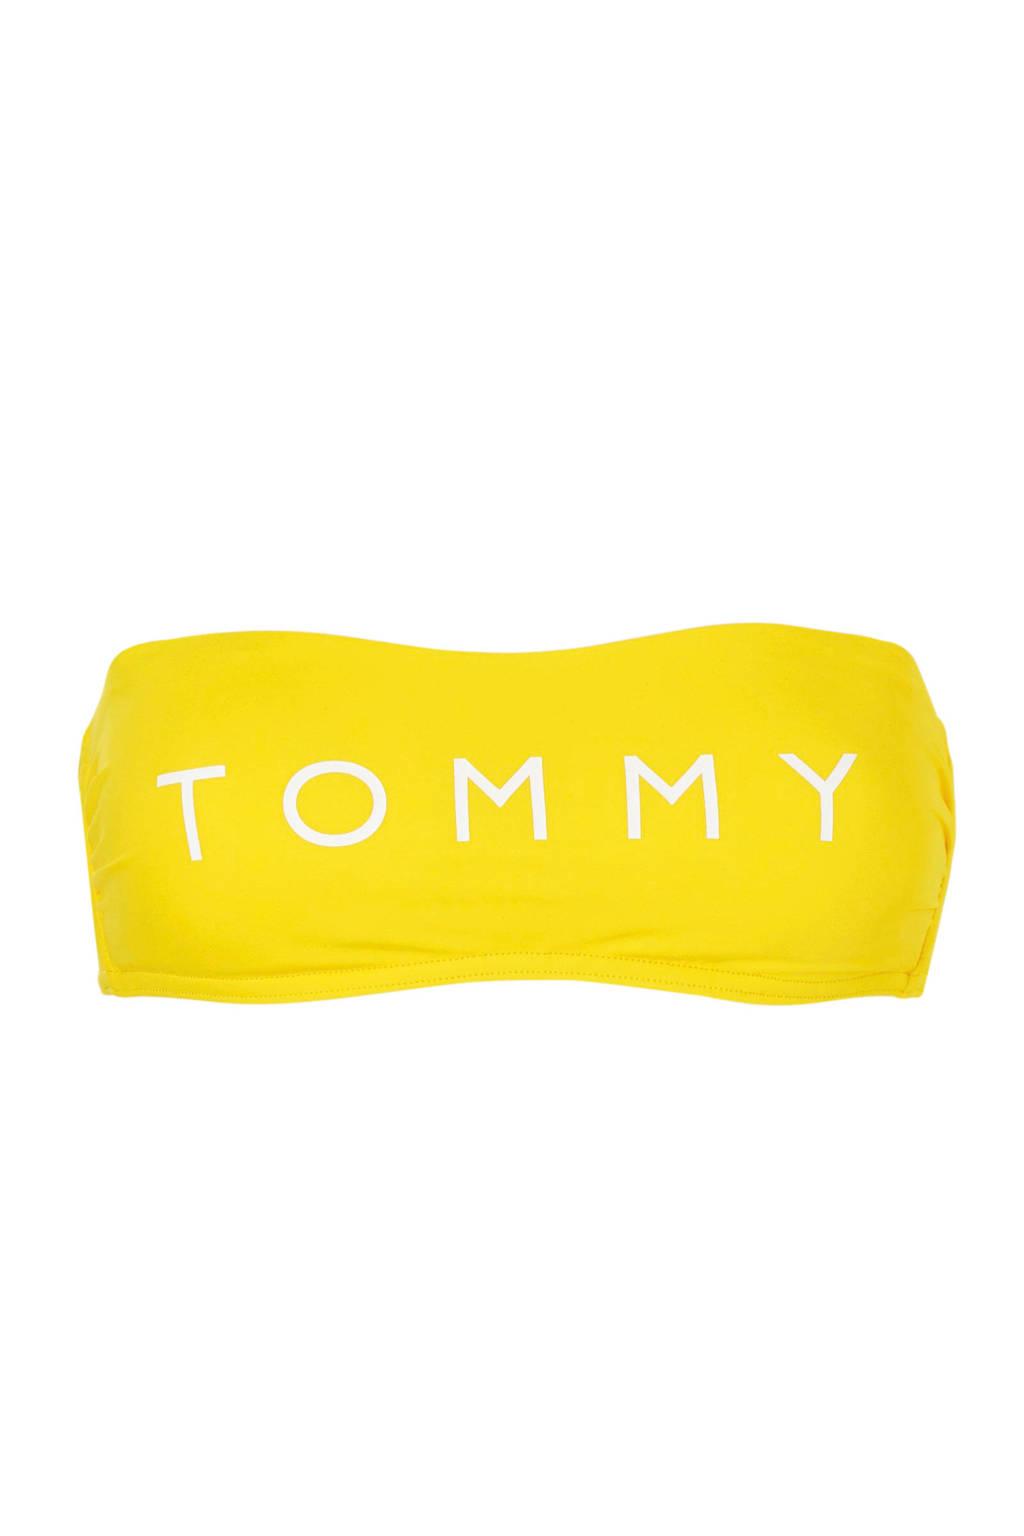 Hilfigerbandeau Bikinitop Merknaam Tommy Met Geel 6dqqwS5x